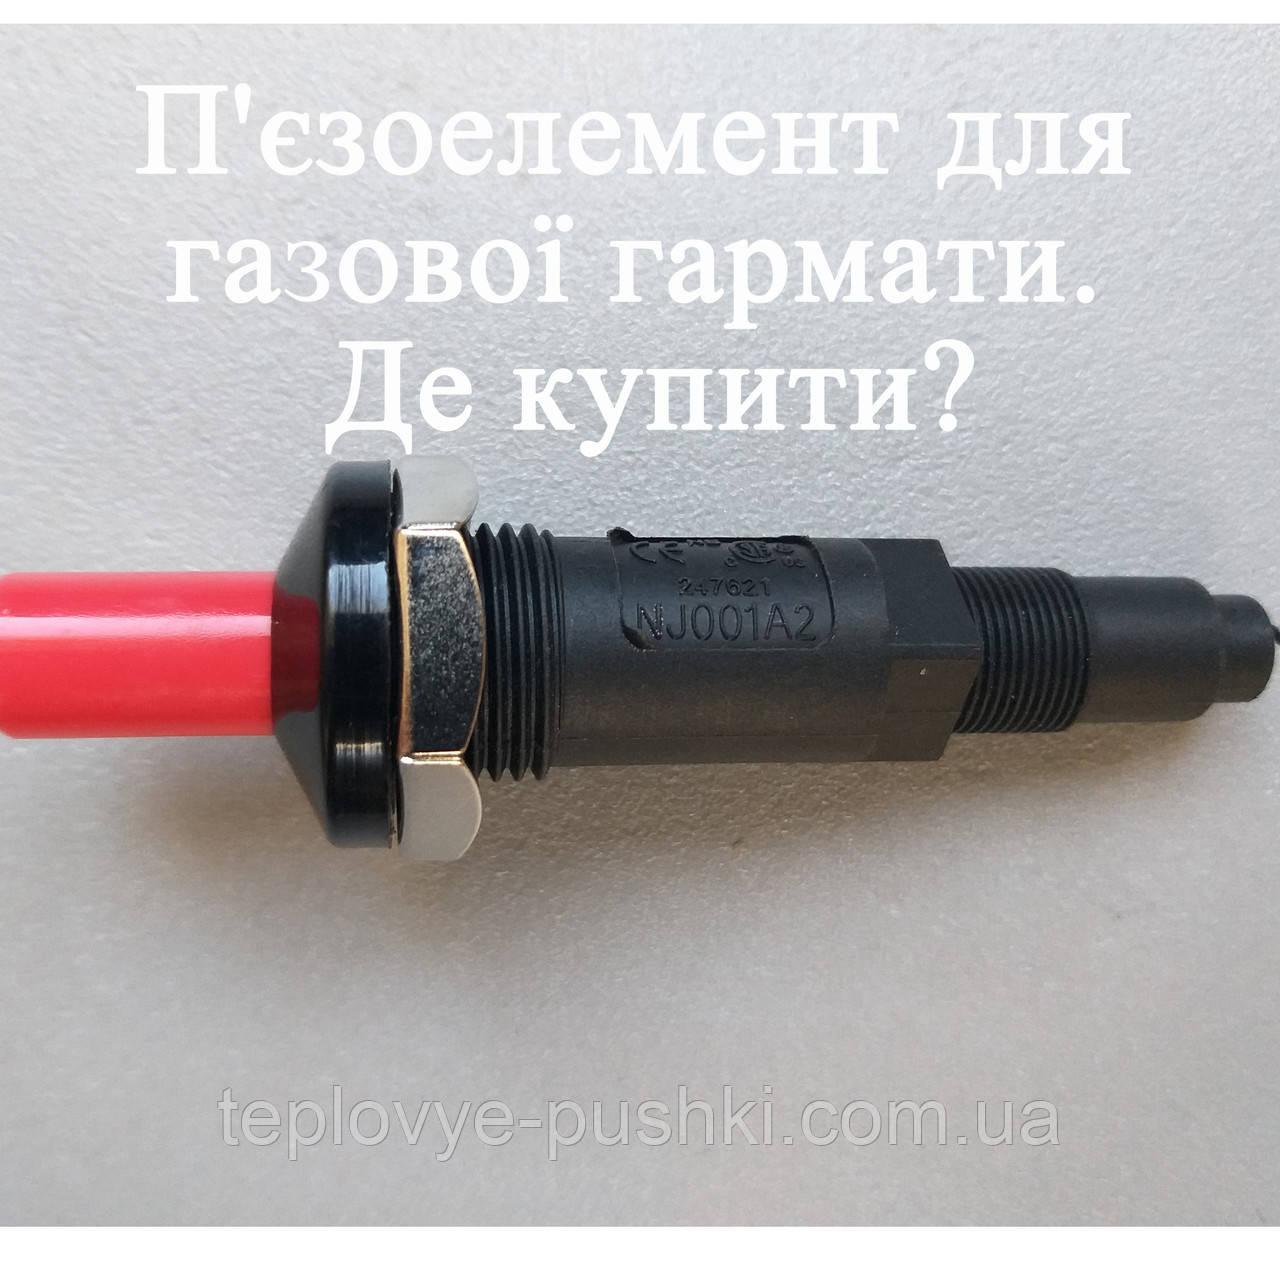 Пьезоэлемент для газовой пушки. Где купить?